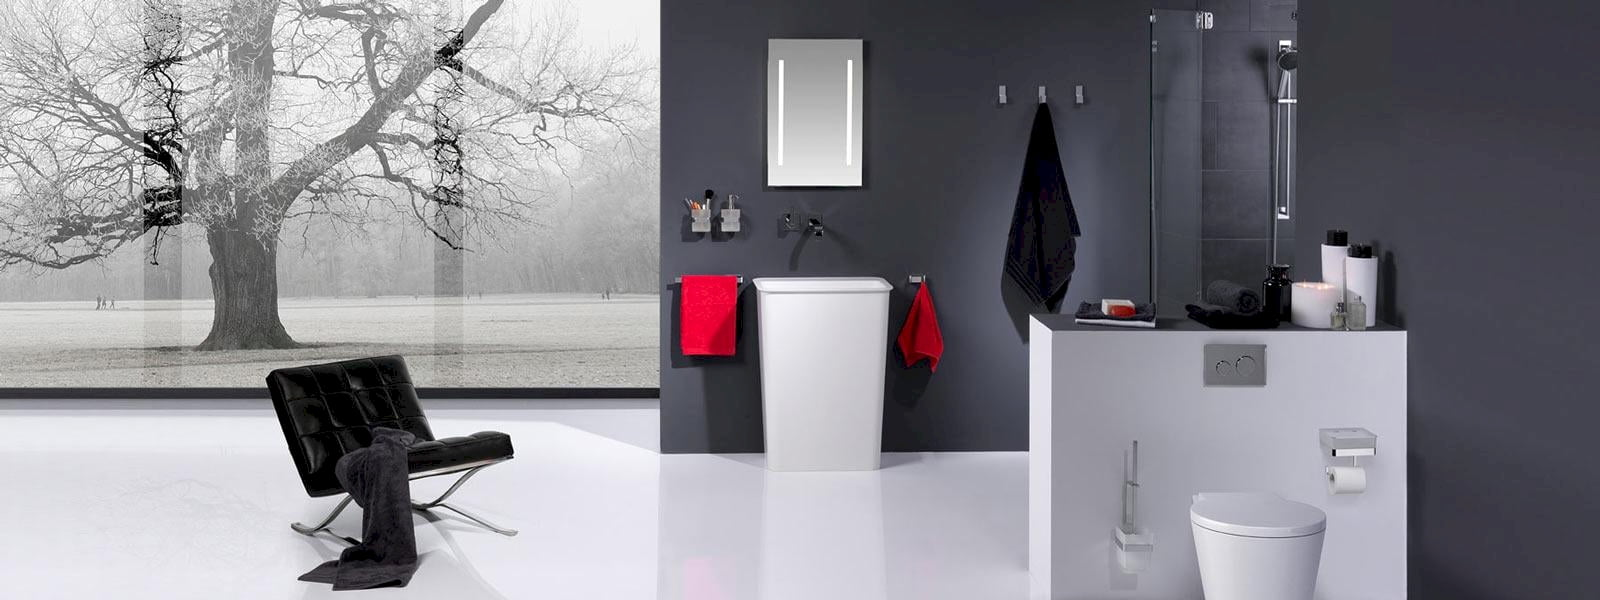 Full Size of Heizkörper Für Bad Schwarze Küche Elektroheizkörper Schwarzes Bett 180x200 Schwarz Wohnzimmer Weiß Badezimmer Wohnzimmer Heizkörper Schwarz